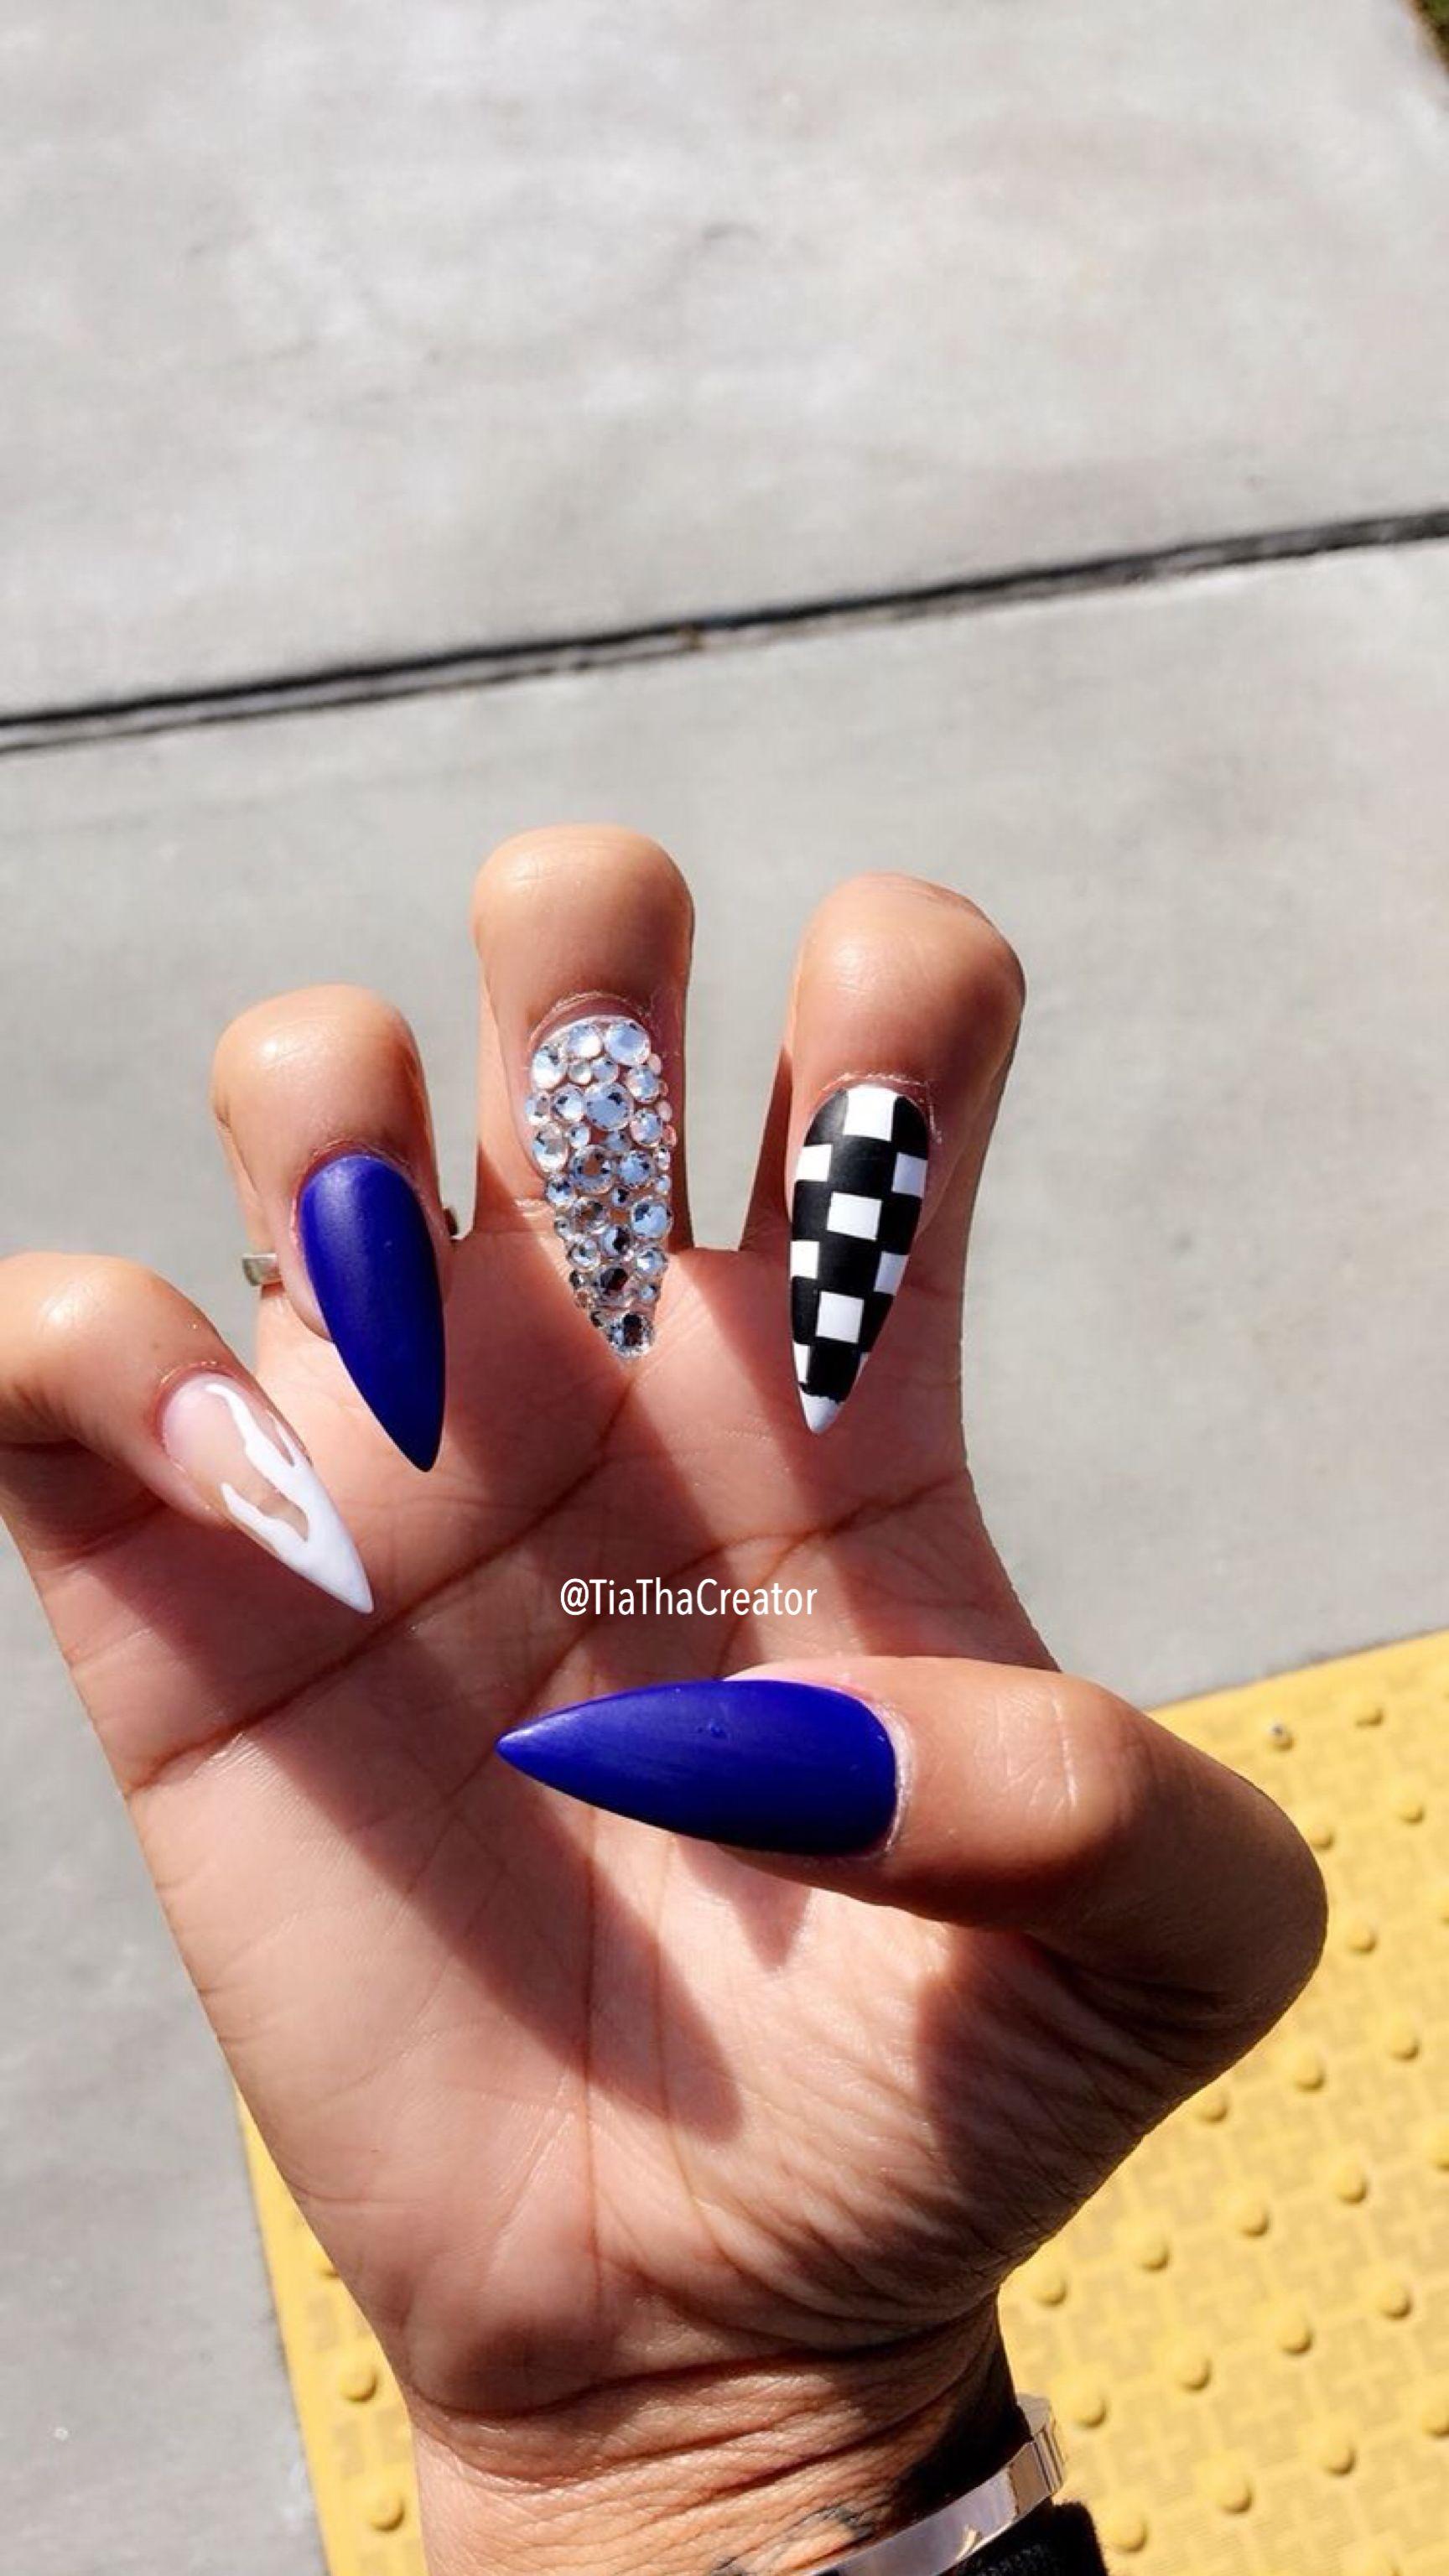 Pin by Katia....🥀 on ᑎᗩIᒪ$   Pinterest   Nail inspo, Nail nail ...